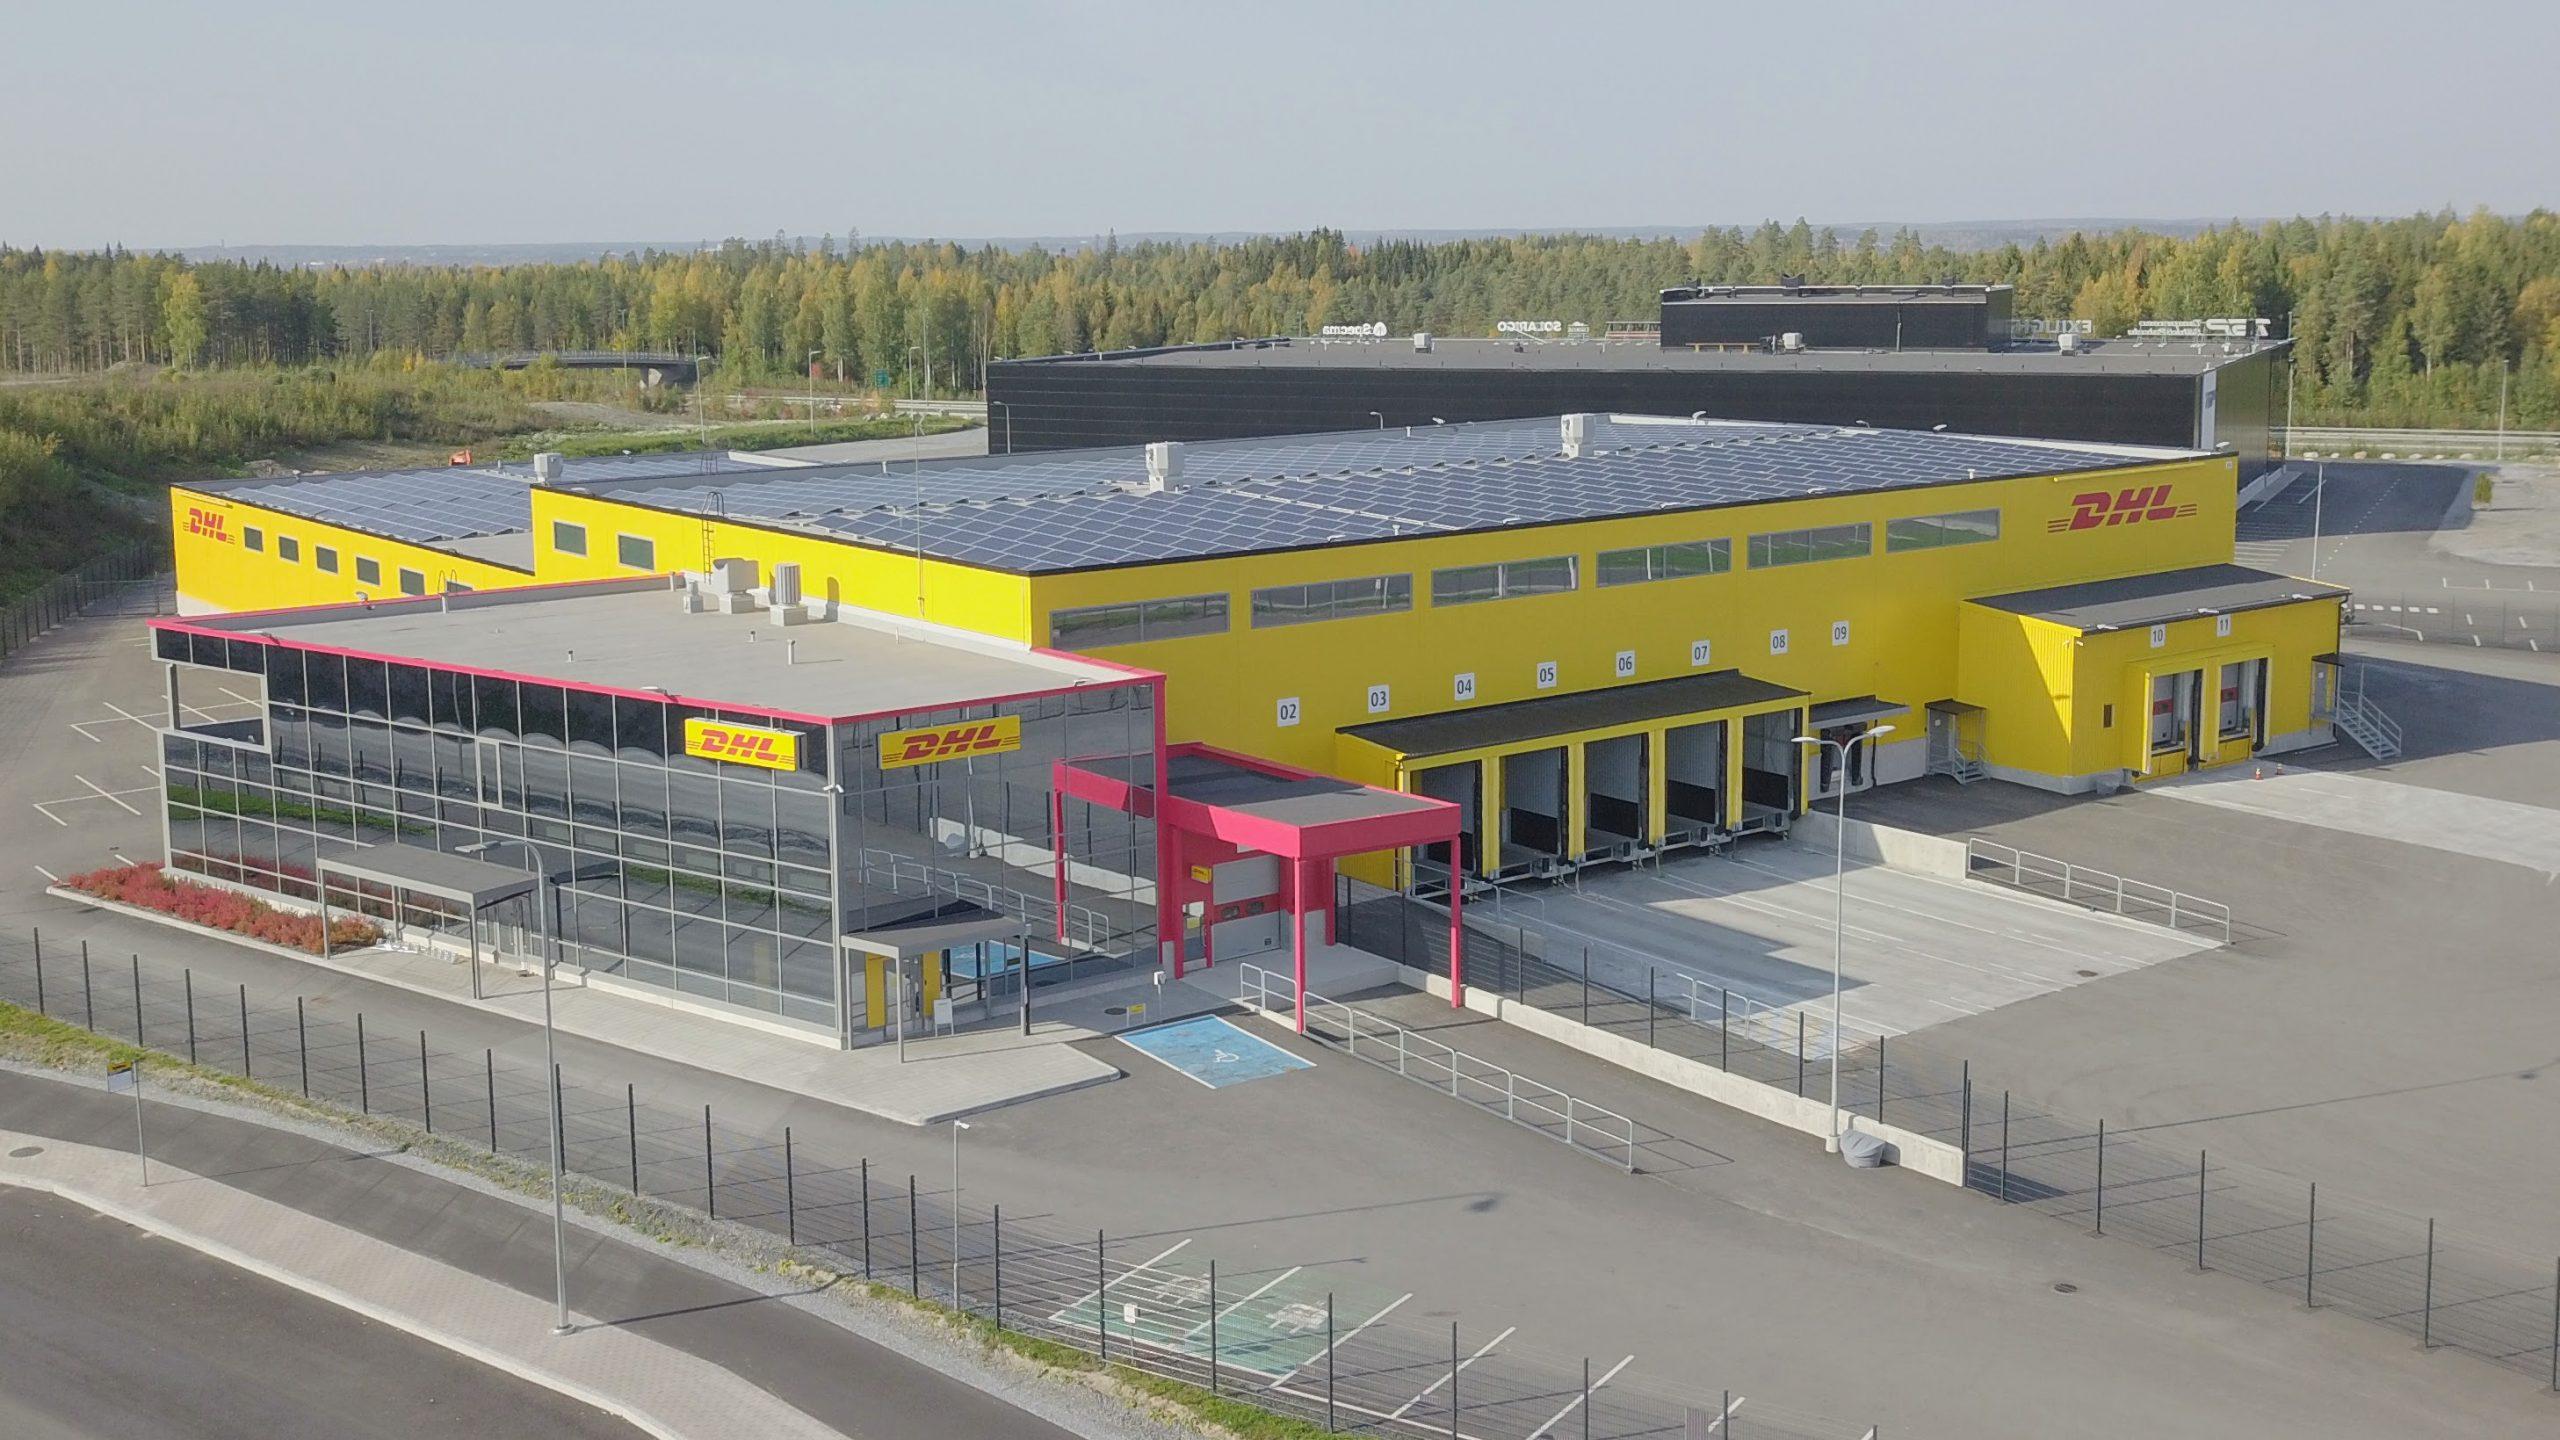 DHL Linnakallio